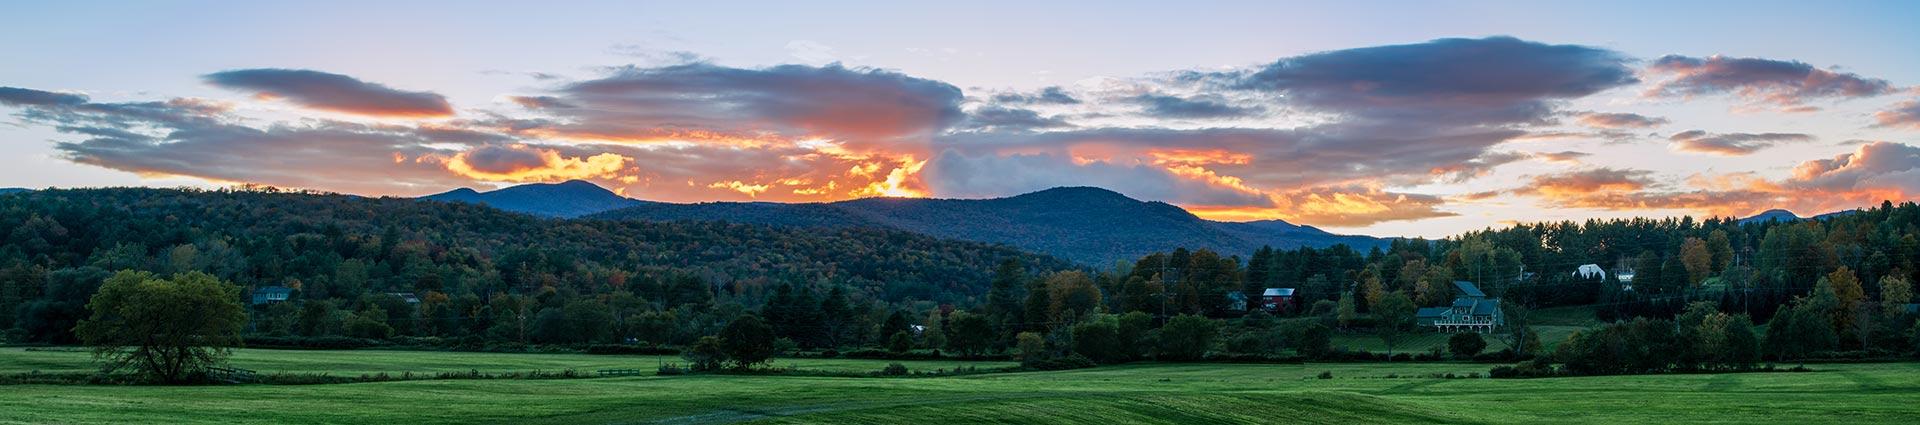 Vermont landscape